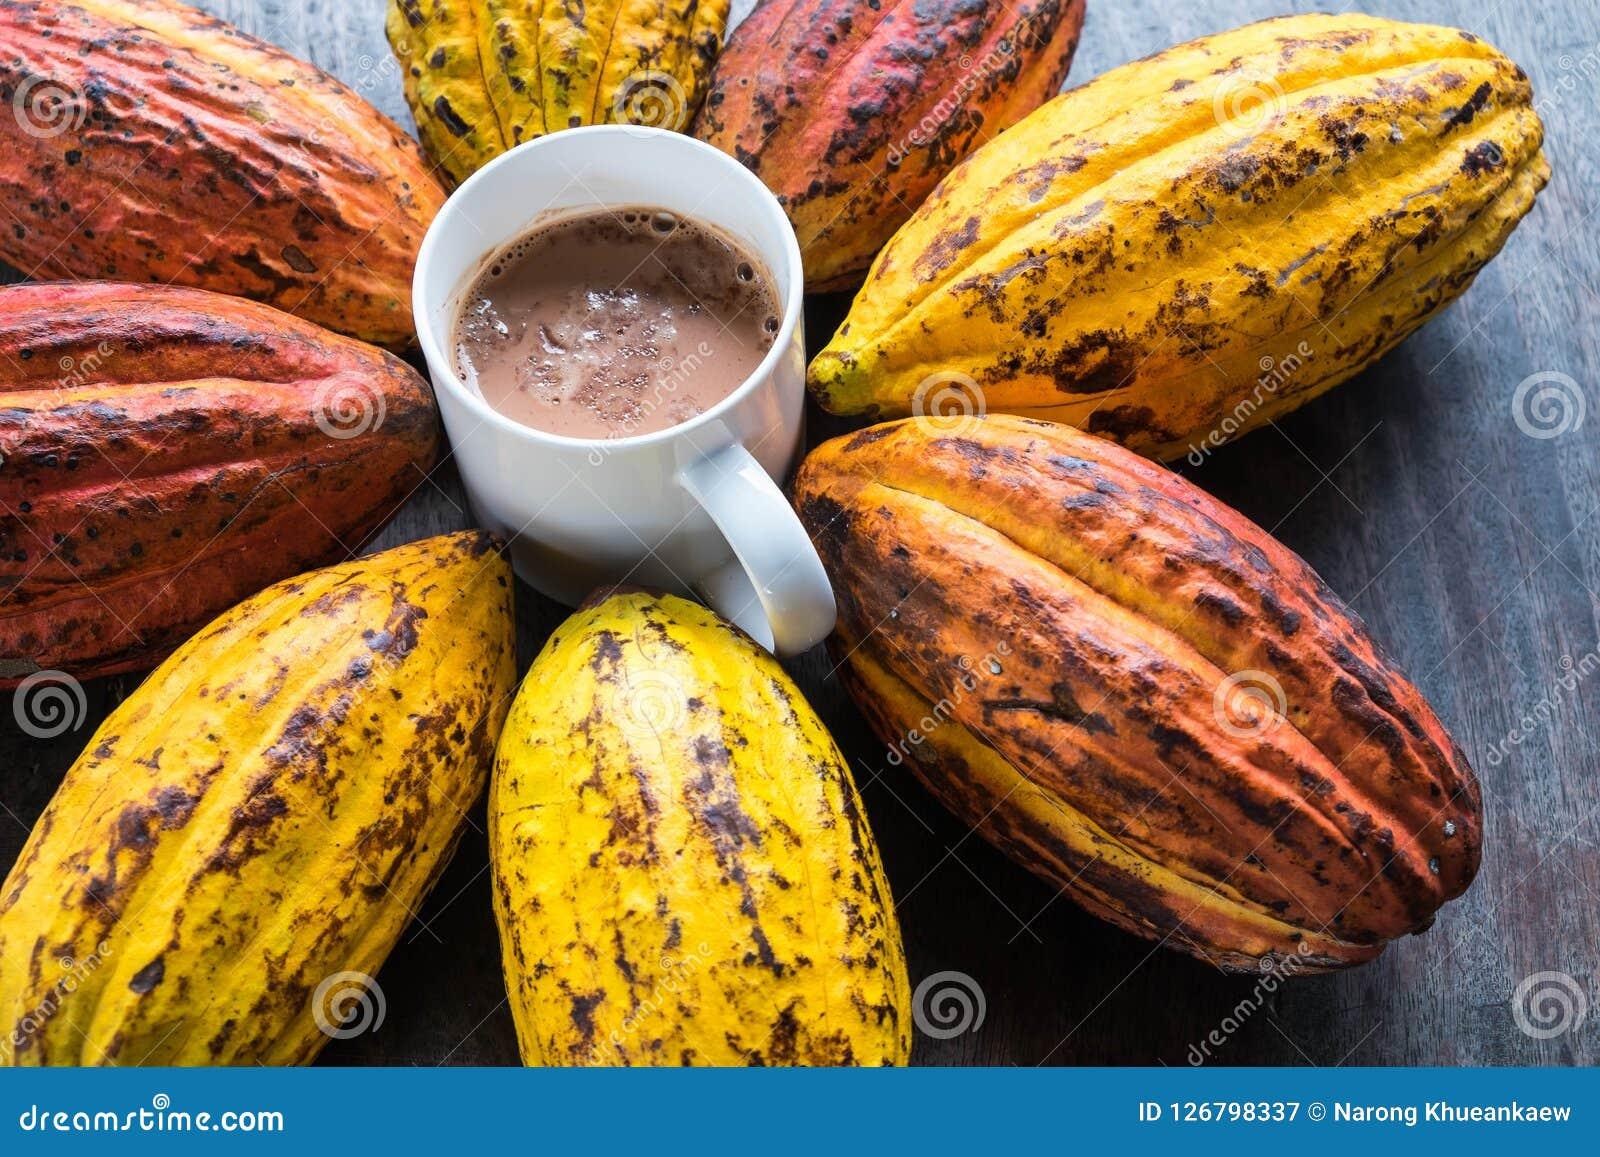 Fruta del cacao y granos de cacao con una taza de cacao caliente